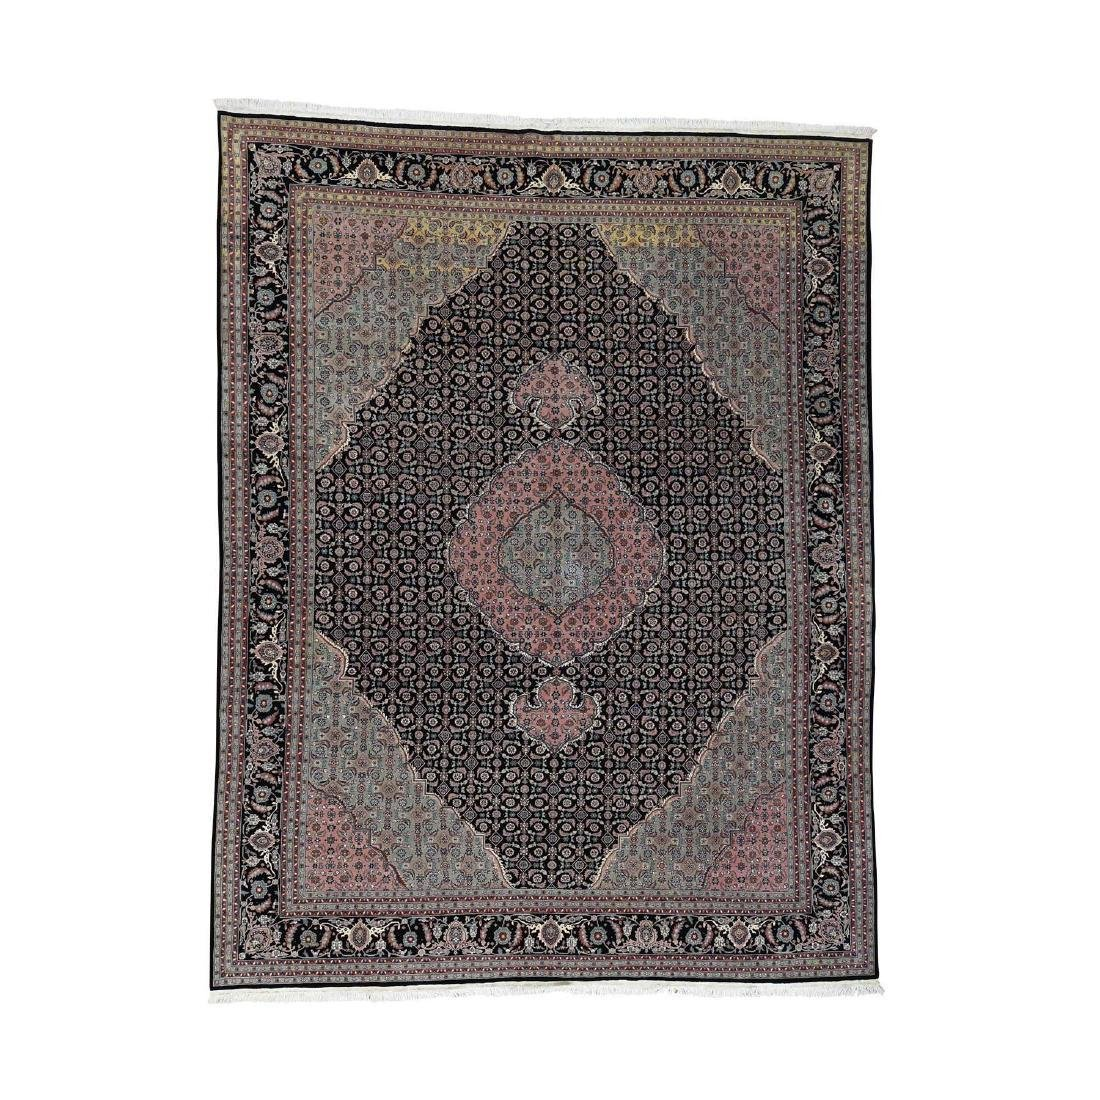 Tabriz Mahi Wool and Silk 250KPSI Hand-Knotted Rug